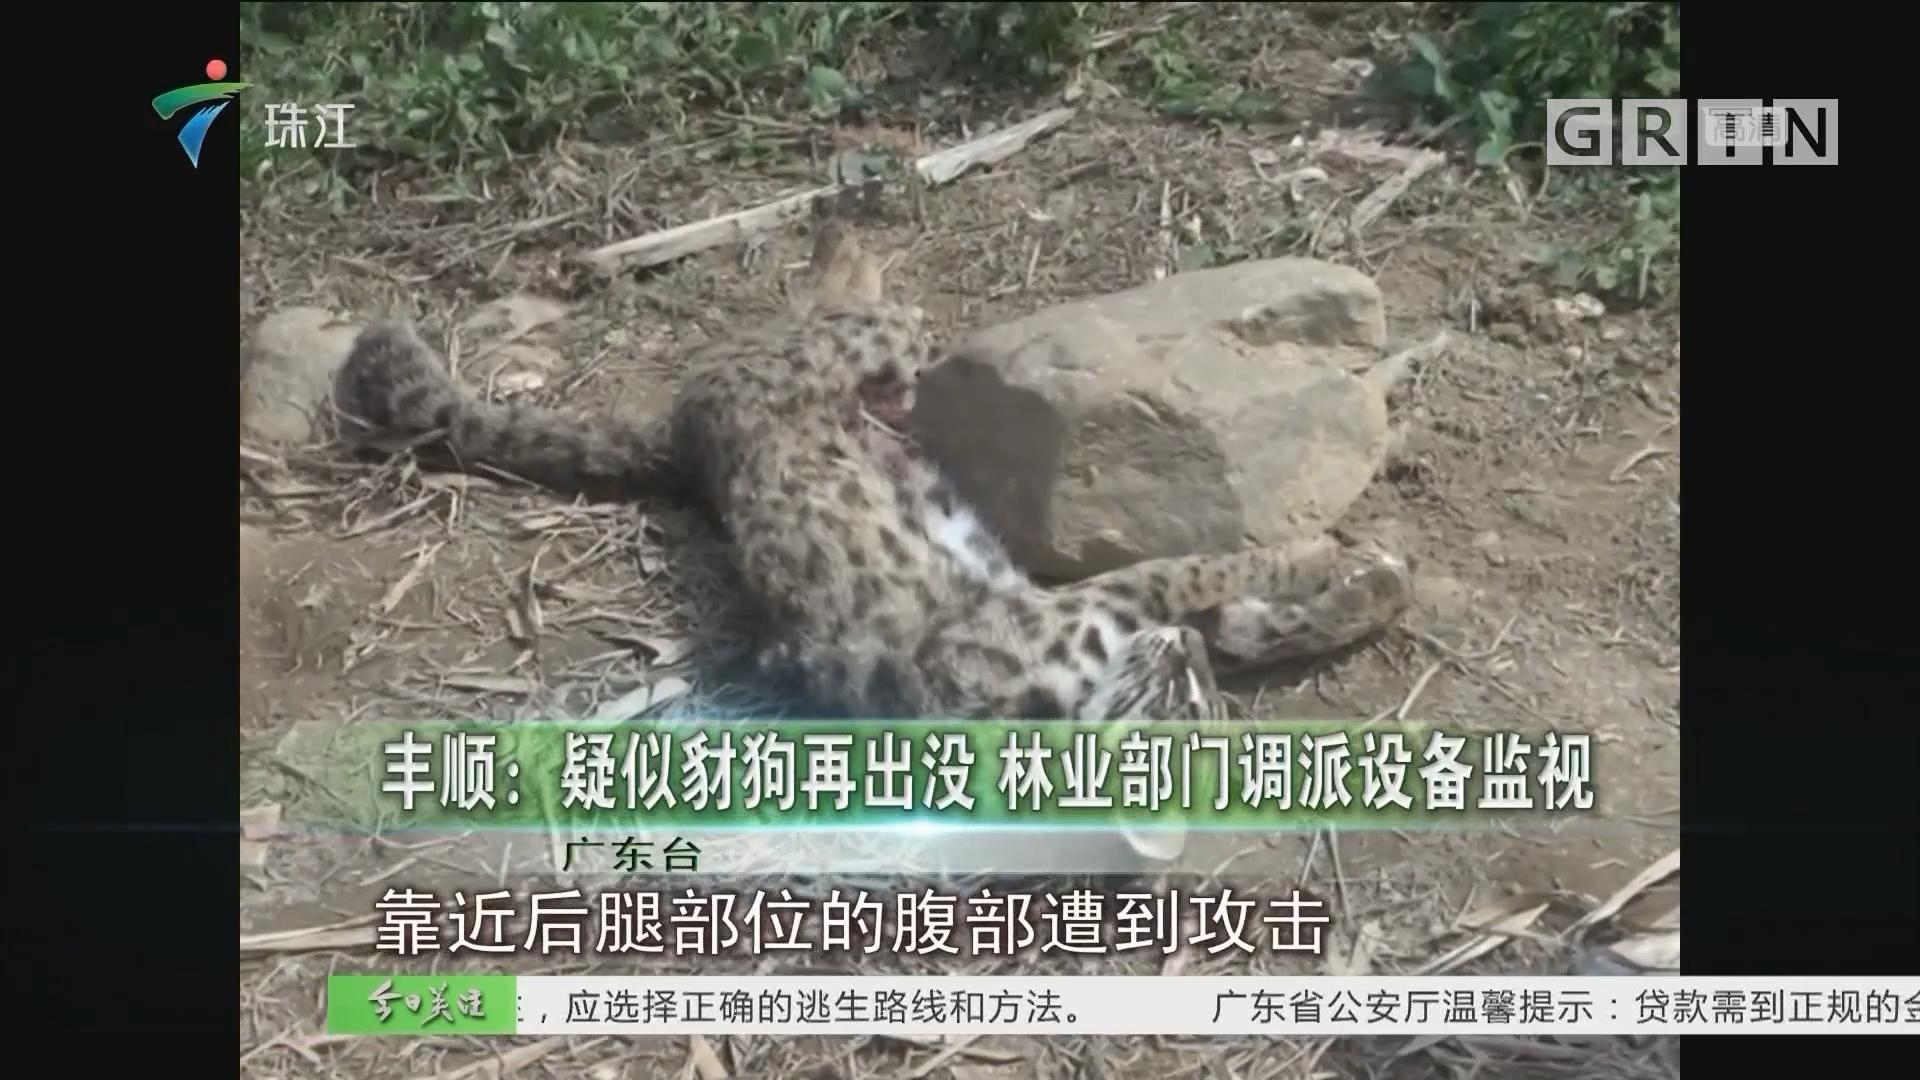 丰顺:疑似豹狗再出没 林业部门调派设备监视